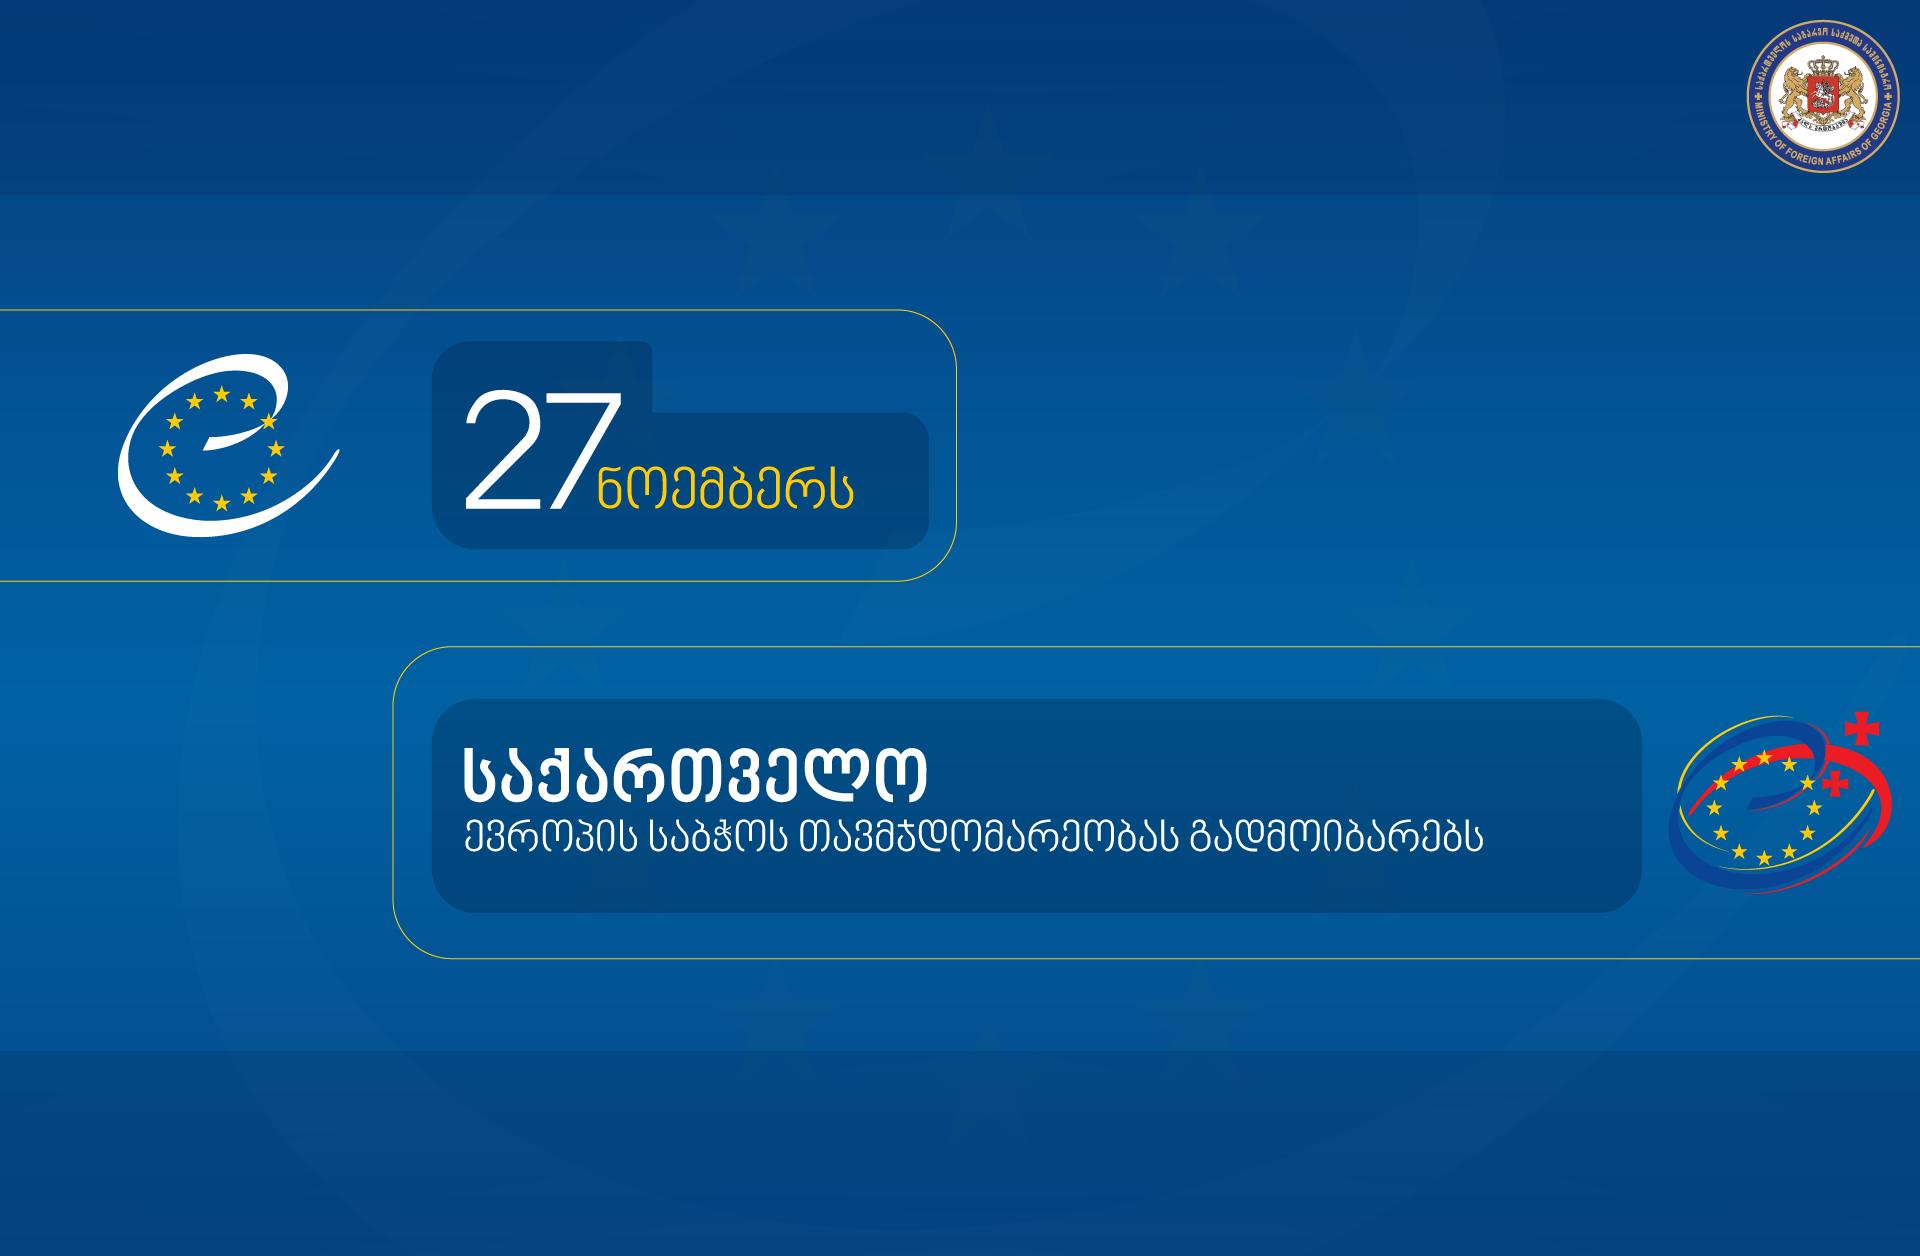 78215756 10156390674870899 4743716800619872256 o Грузия-совет европы Грузия-совет европы